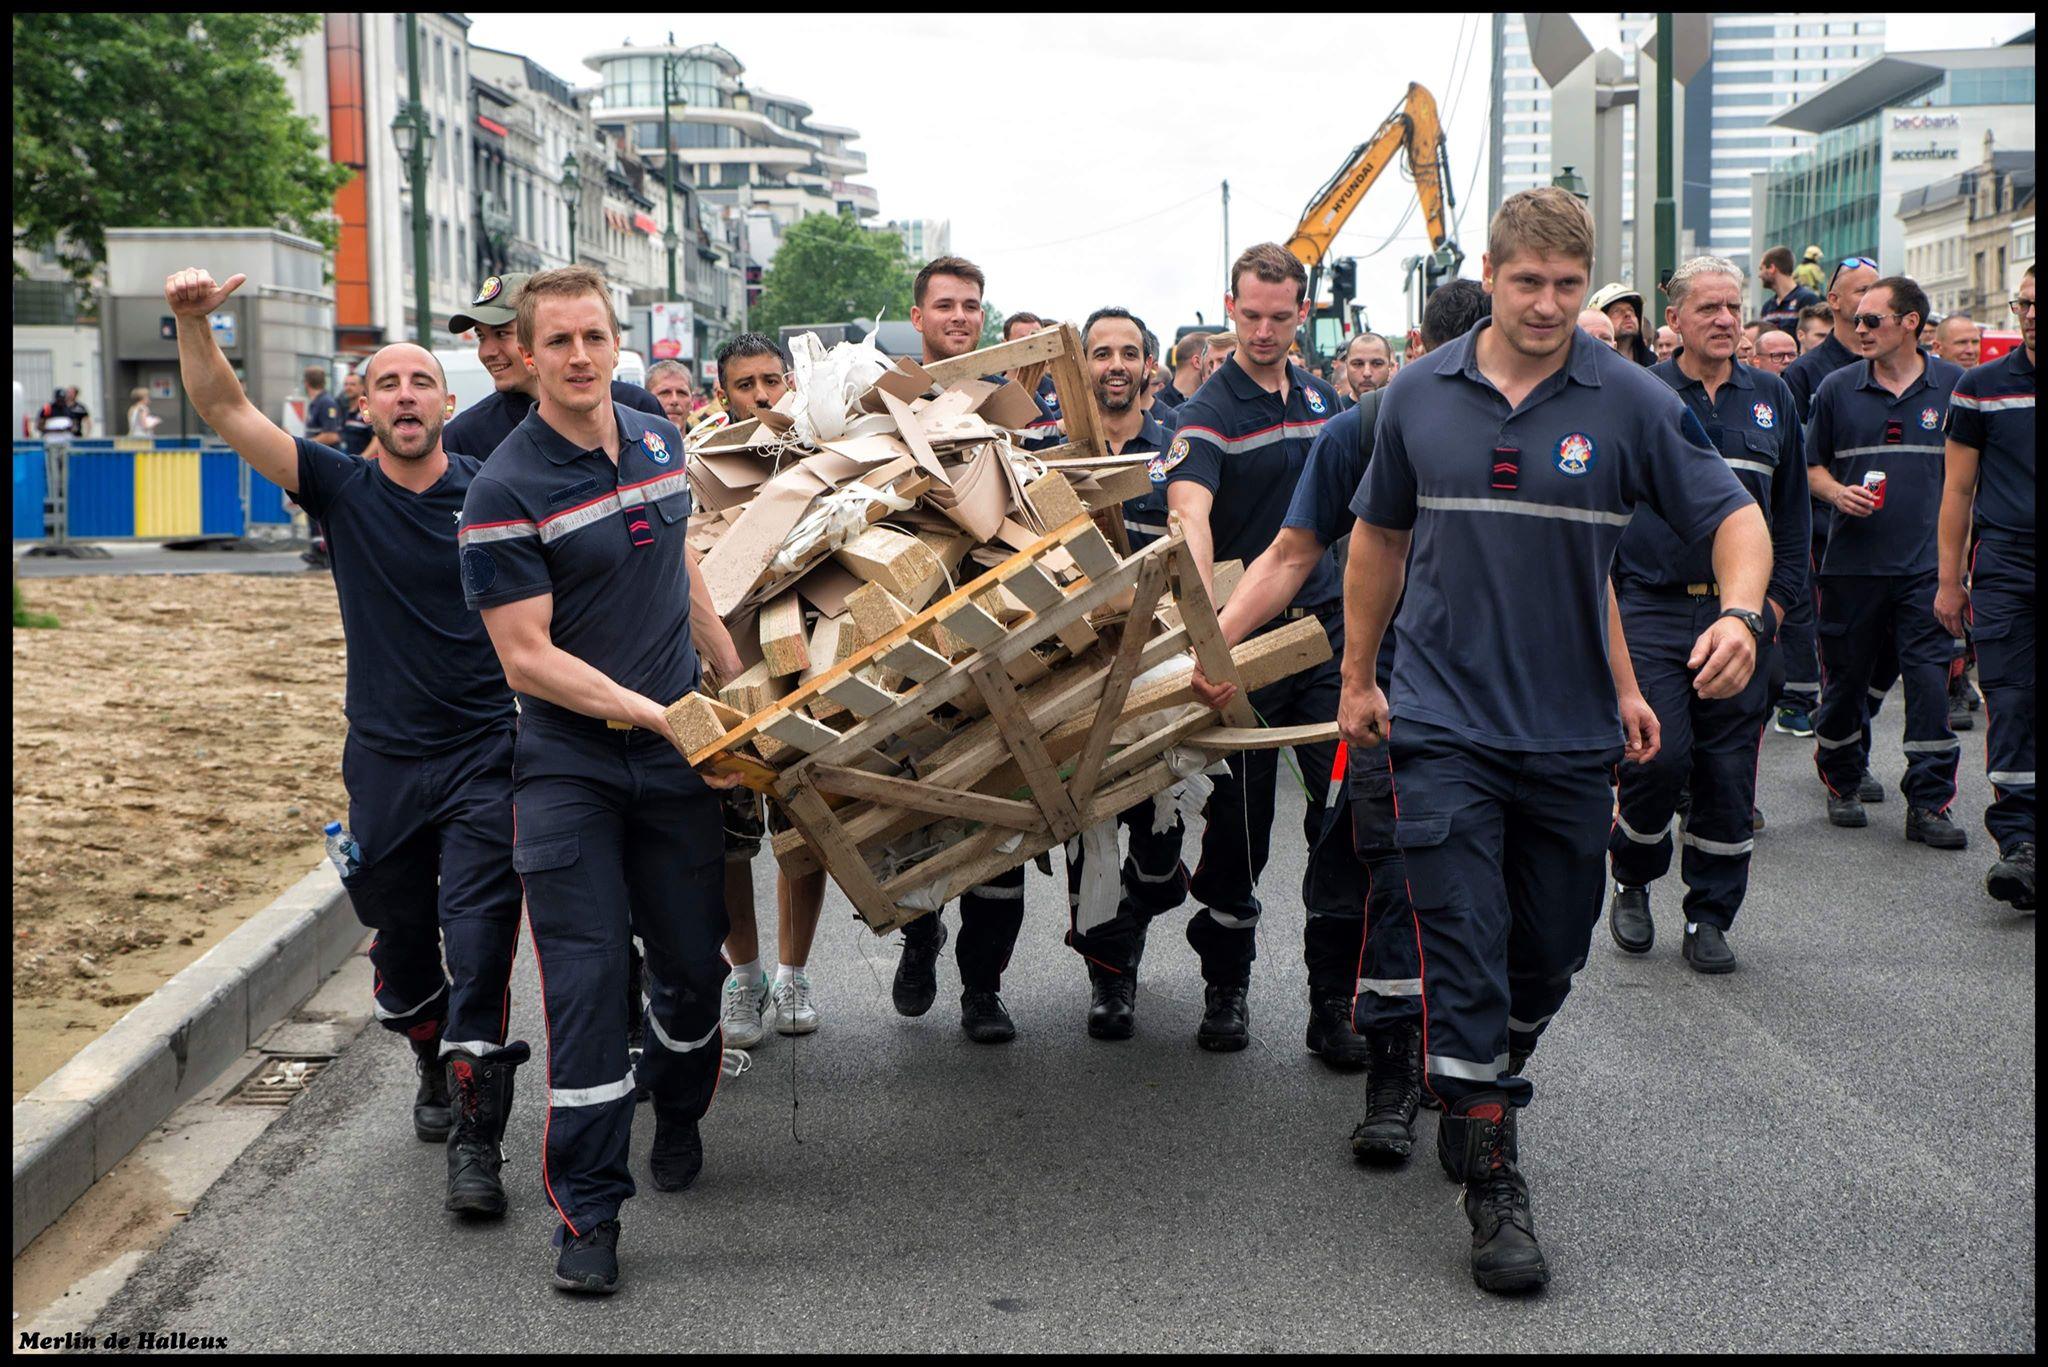 Brusselse pompiers in actie: interview vanuit het hart van de strijd